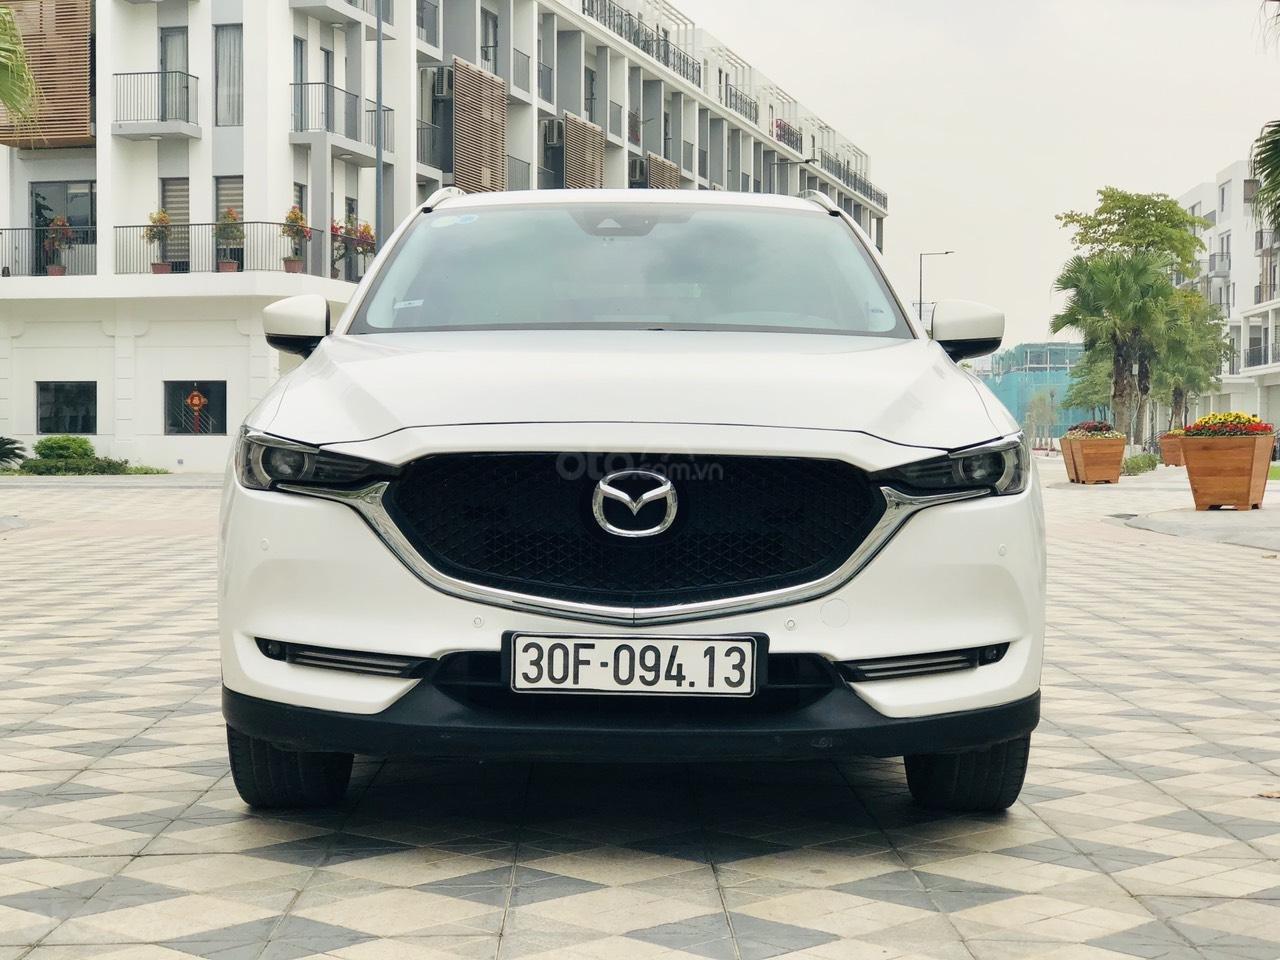 [Hot] bán nhanh Mazda CX5 2.5 đời 2018 màu trắng, xe 1 chủ từ đầu biển HN, xe đẹp không 1 lỗi nhỏ (1)